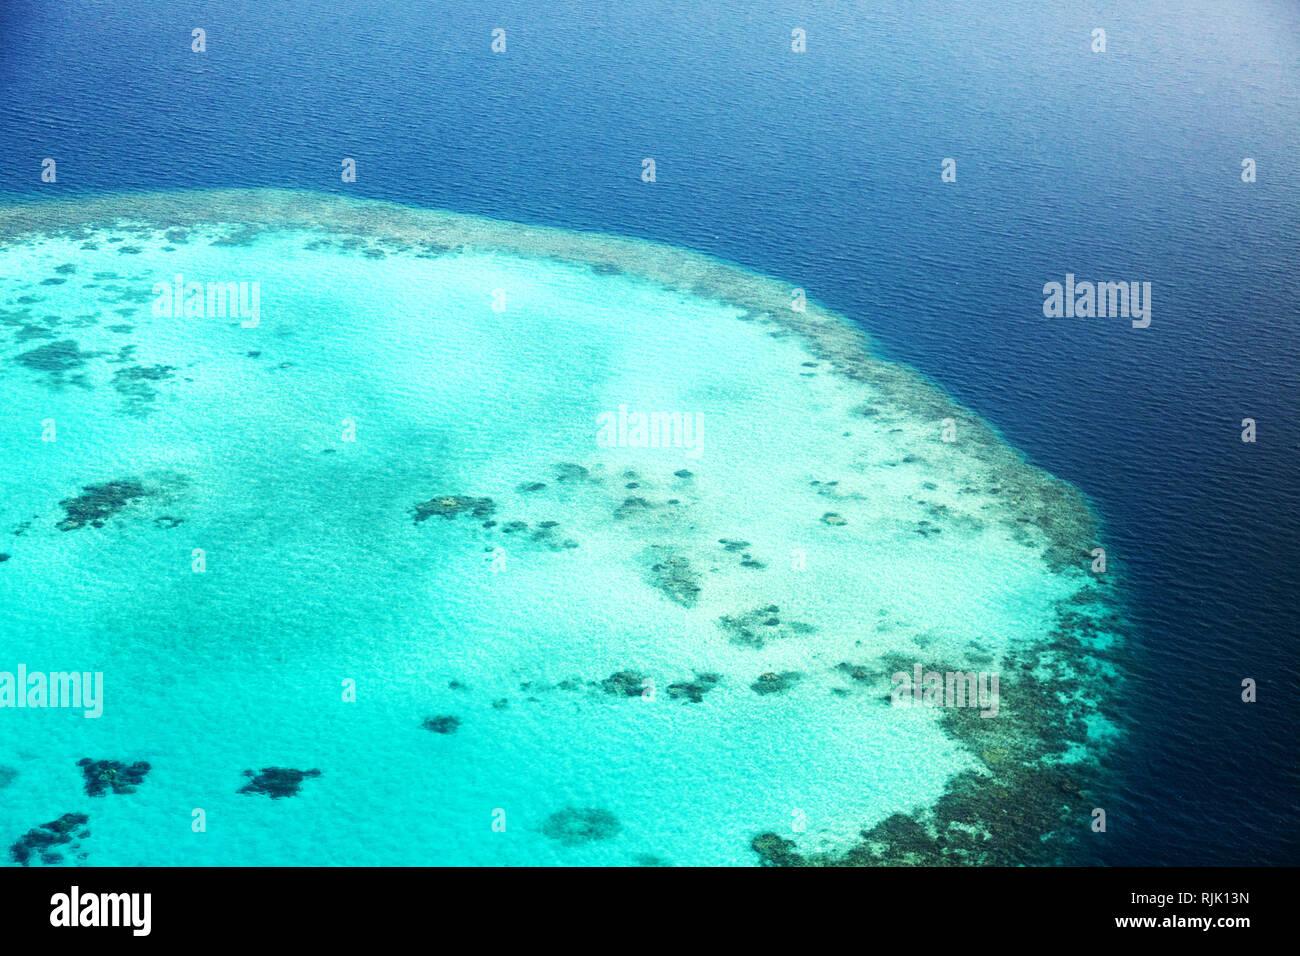 Maldive atoll e Coral reef, vista aerea, Maldive, Asia Immagini Stock